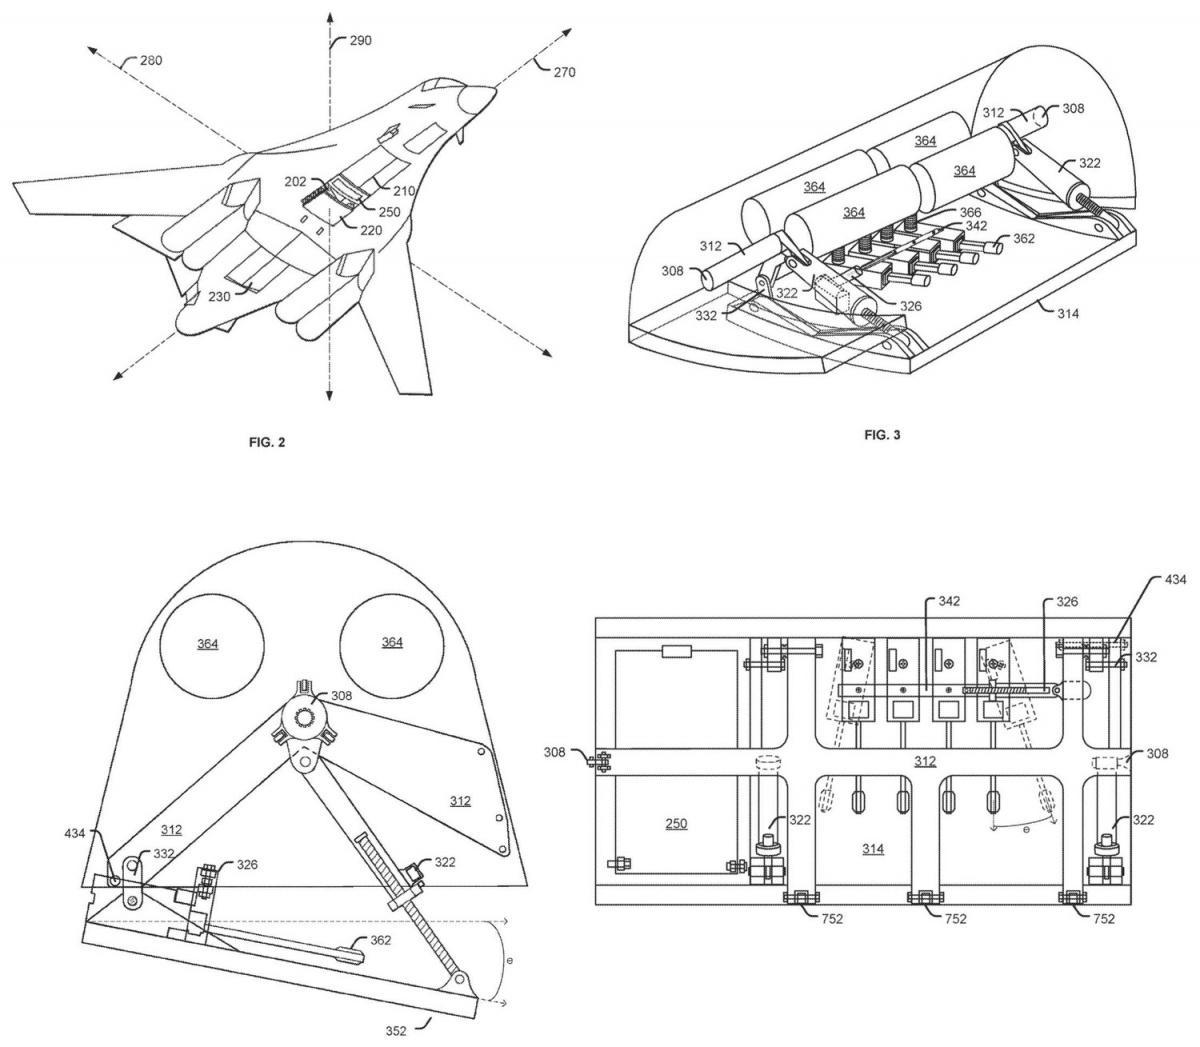 Dodatkowe uzbrojenie jest wysuwane tylkowczasie prowadzenia ostrzału celów naziemnych, azatem podczas przelotu niewpływa negatywnie naaerodynamikę samolotu inietworzy dodatkowej powierzchni zwiększającej wykrywalność B-1B naradarach